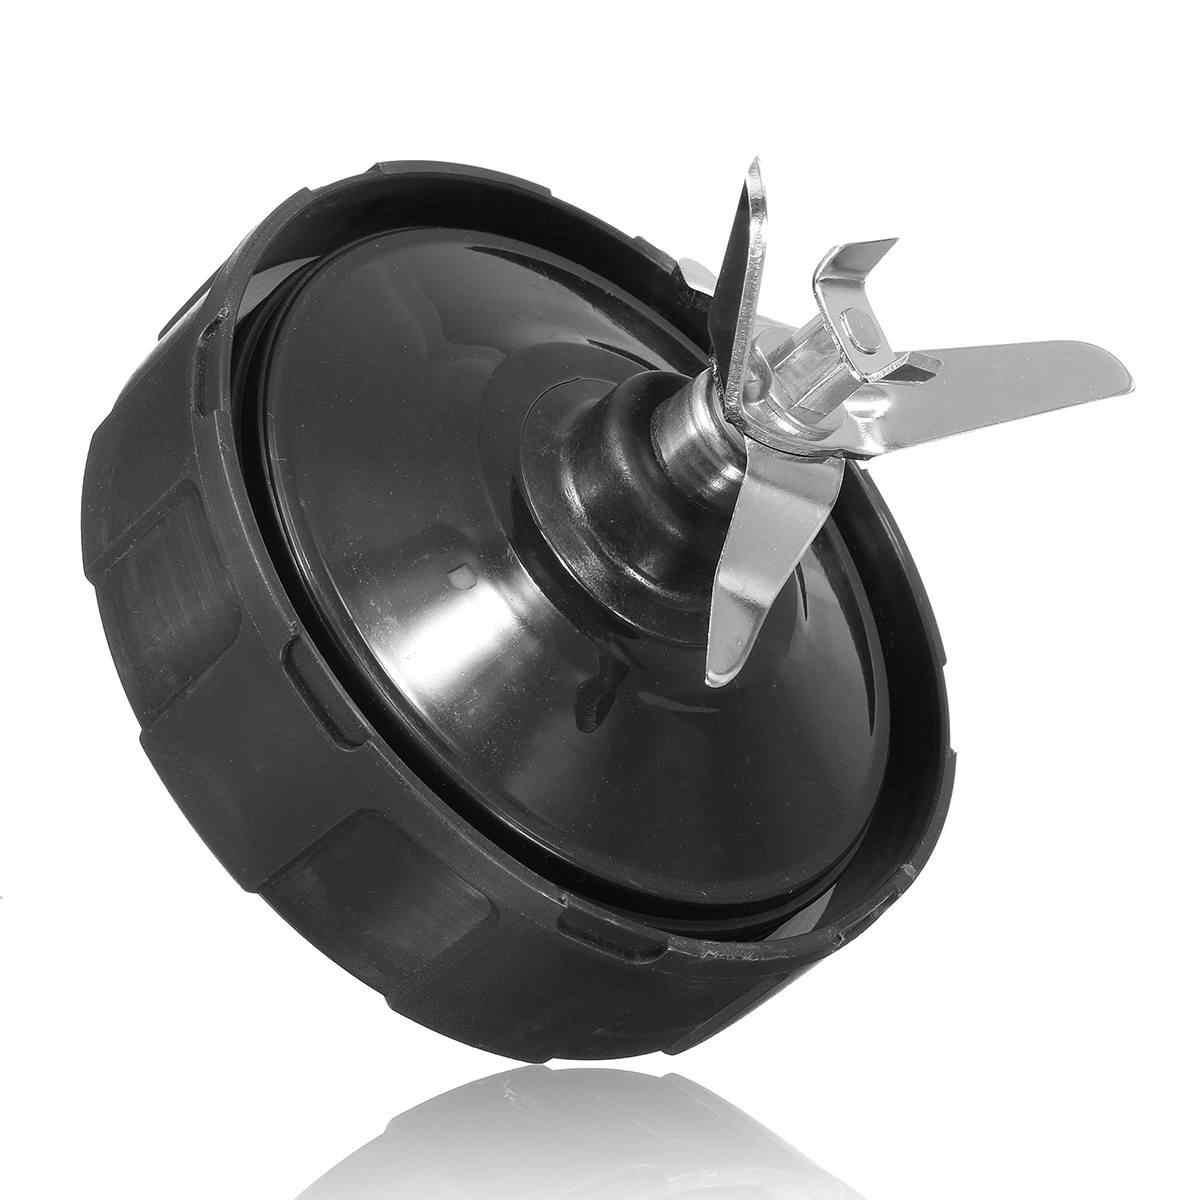 Prata Aço inoxidável Liquidificadores Partes 7 Barbatanas Lâmina de Substituição de Peças Para NUTRI Liquidificadores NINJA BL450 Auto-iQ BL481 BL482